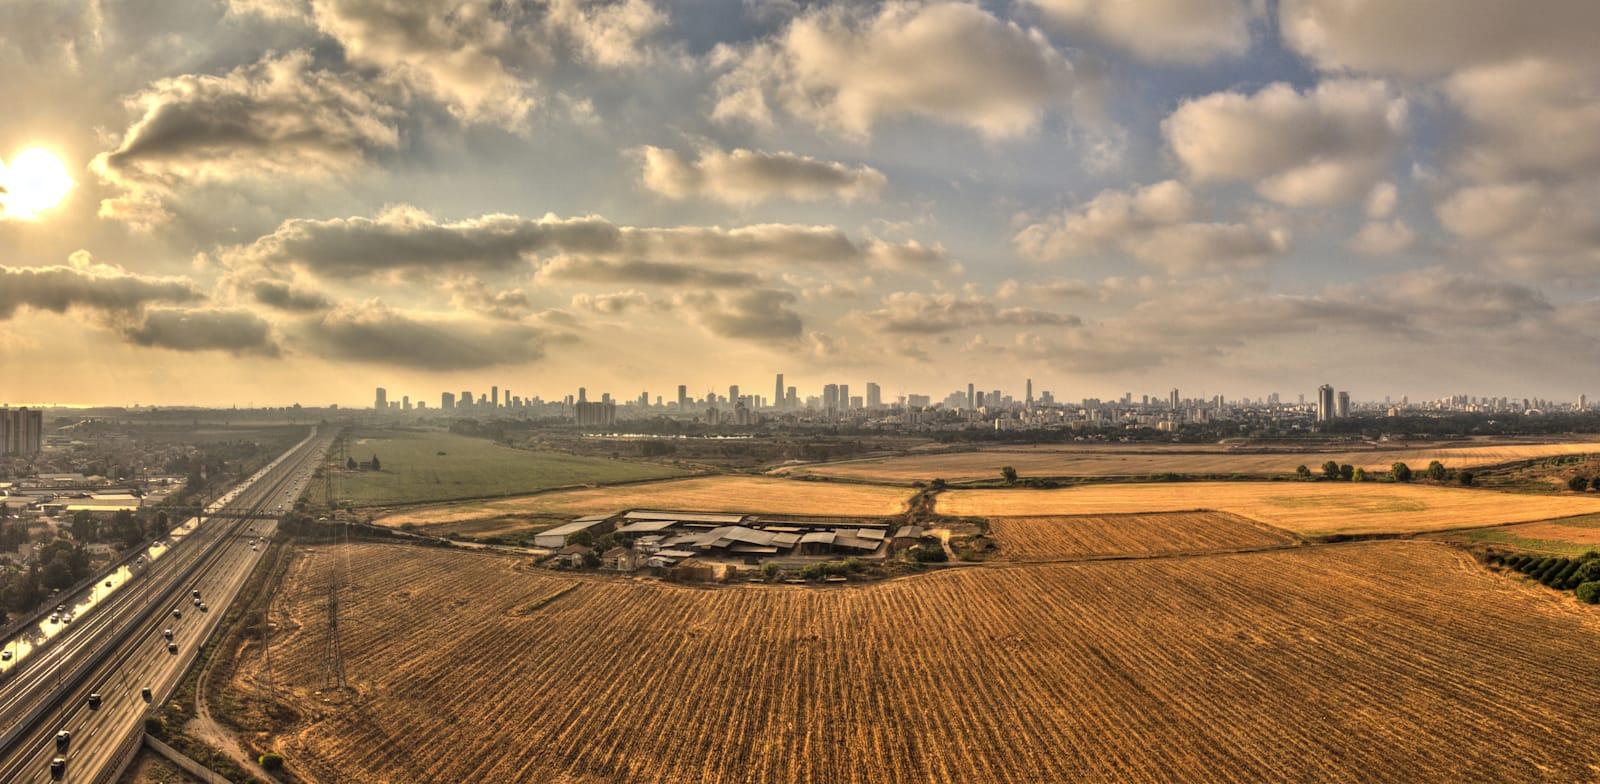 """אדמות חקלאיות במרכז. """"תחום הקרקעות ותחום הרכב מסומנים אצלנו כבעייתיים"""" / צילום: Shutterstock"""